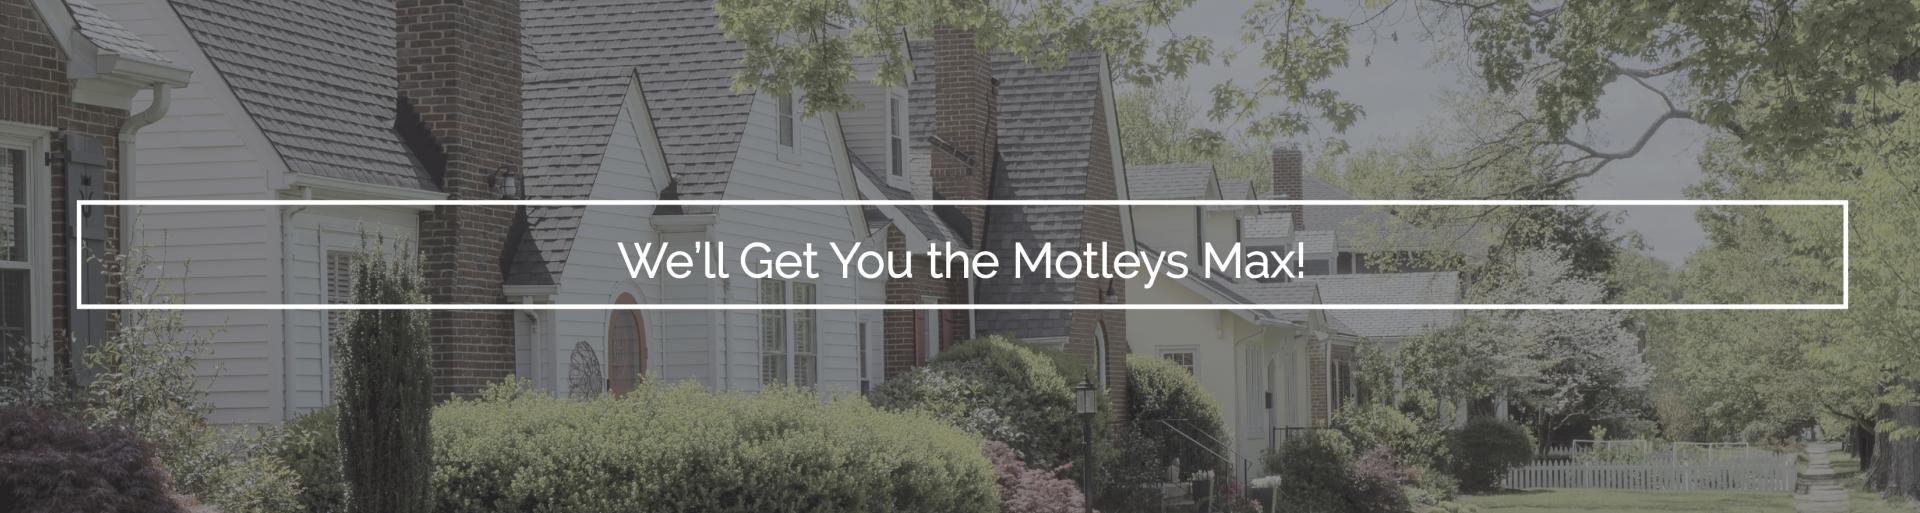 Motleys max website slider